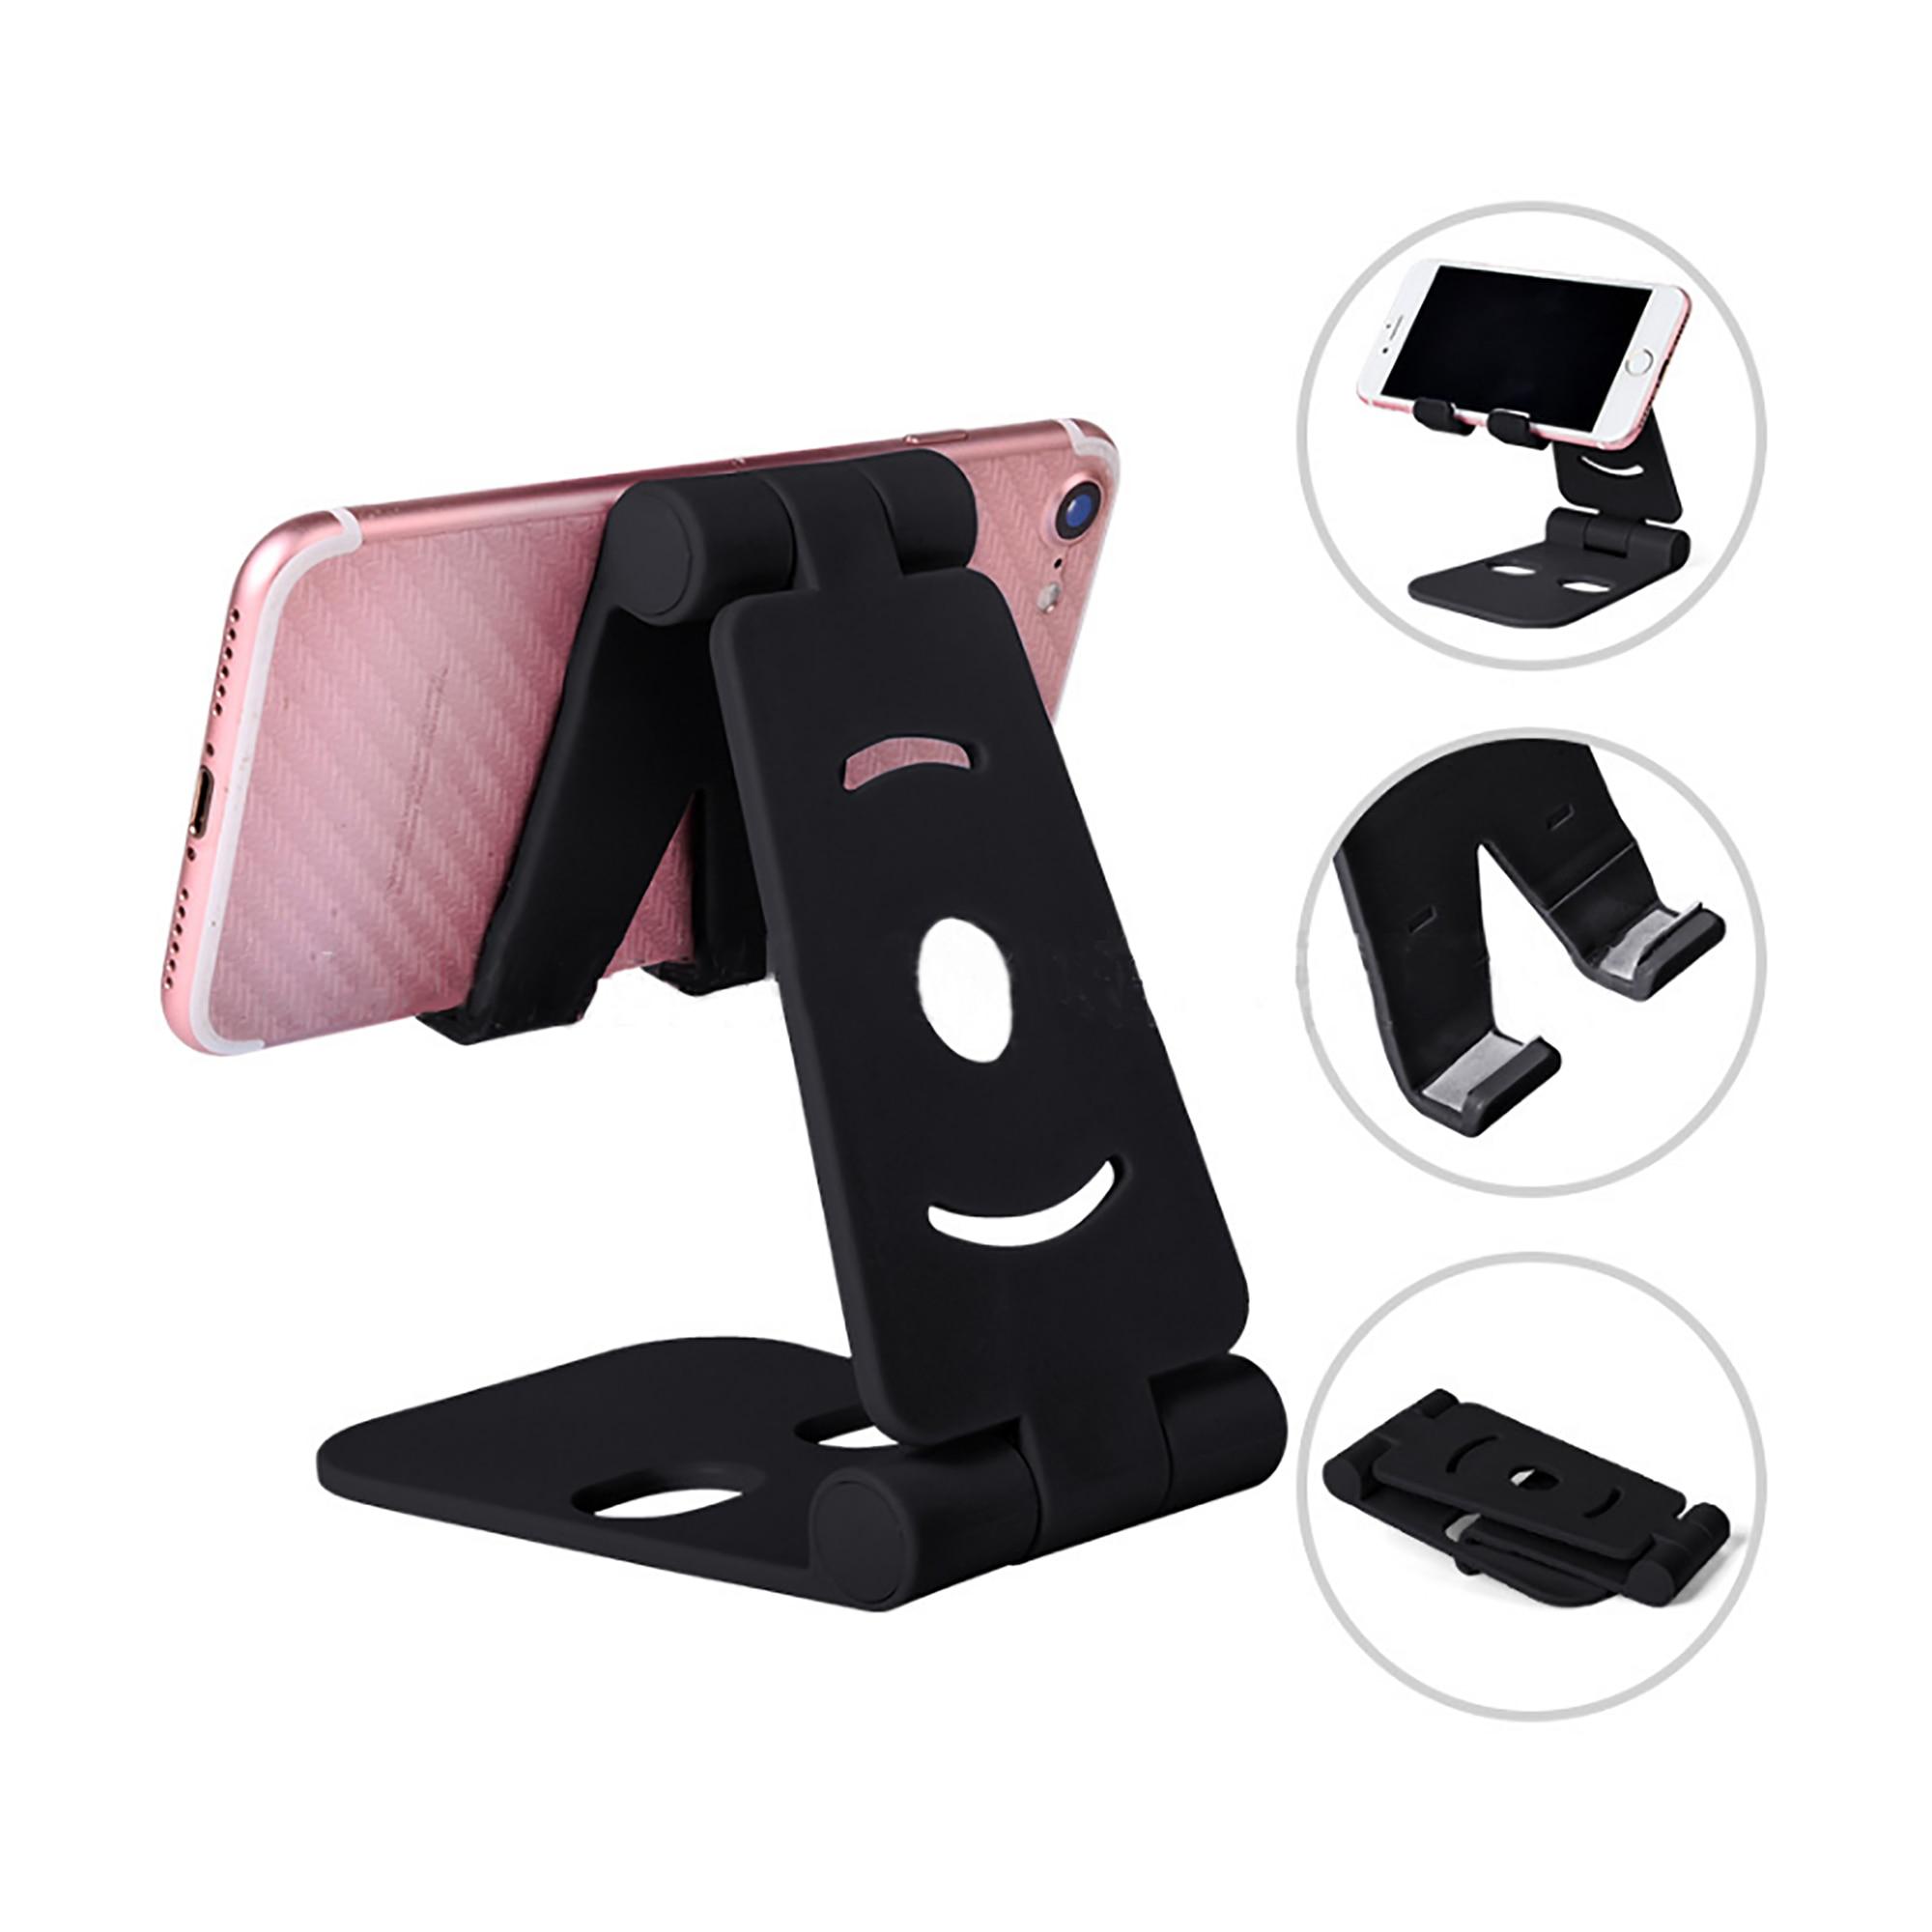 Grande mesa iphone suporte para assistir filmes ajustável suporte do telefone fácil de ajustar muito apertado desdobra o suporte da tela para samsung s10